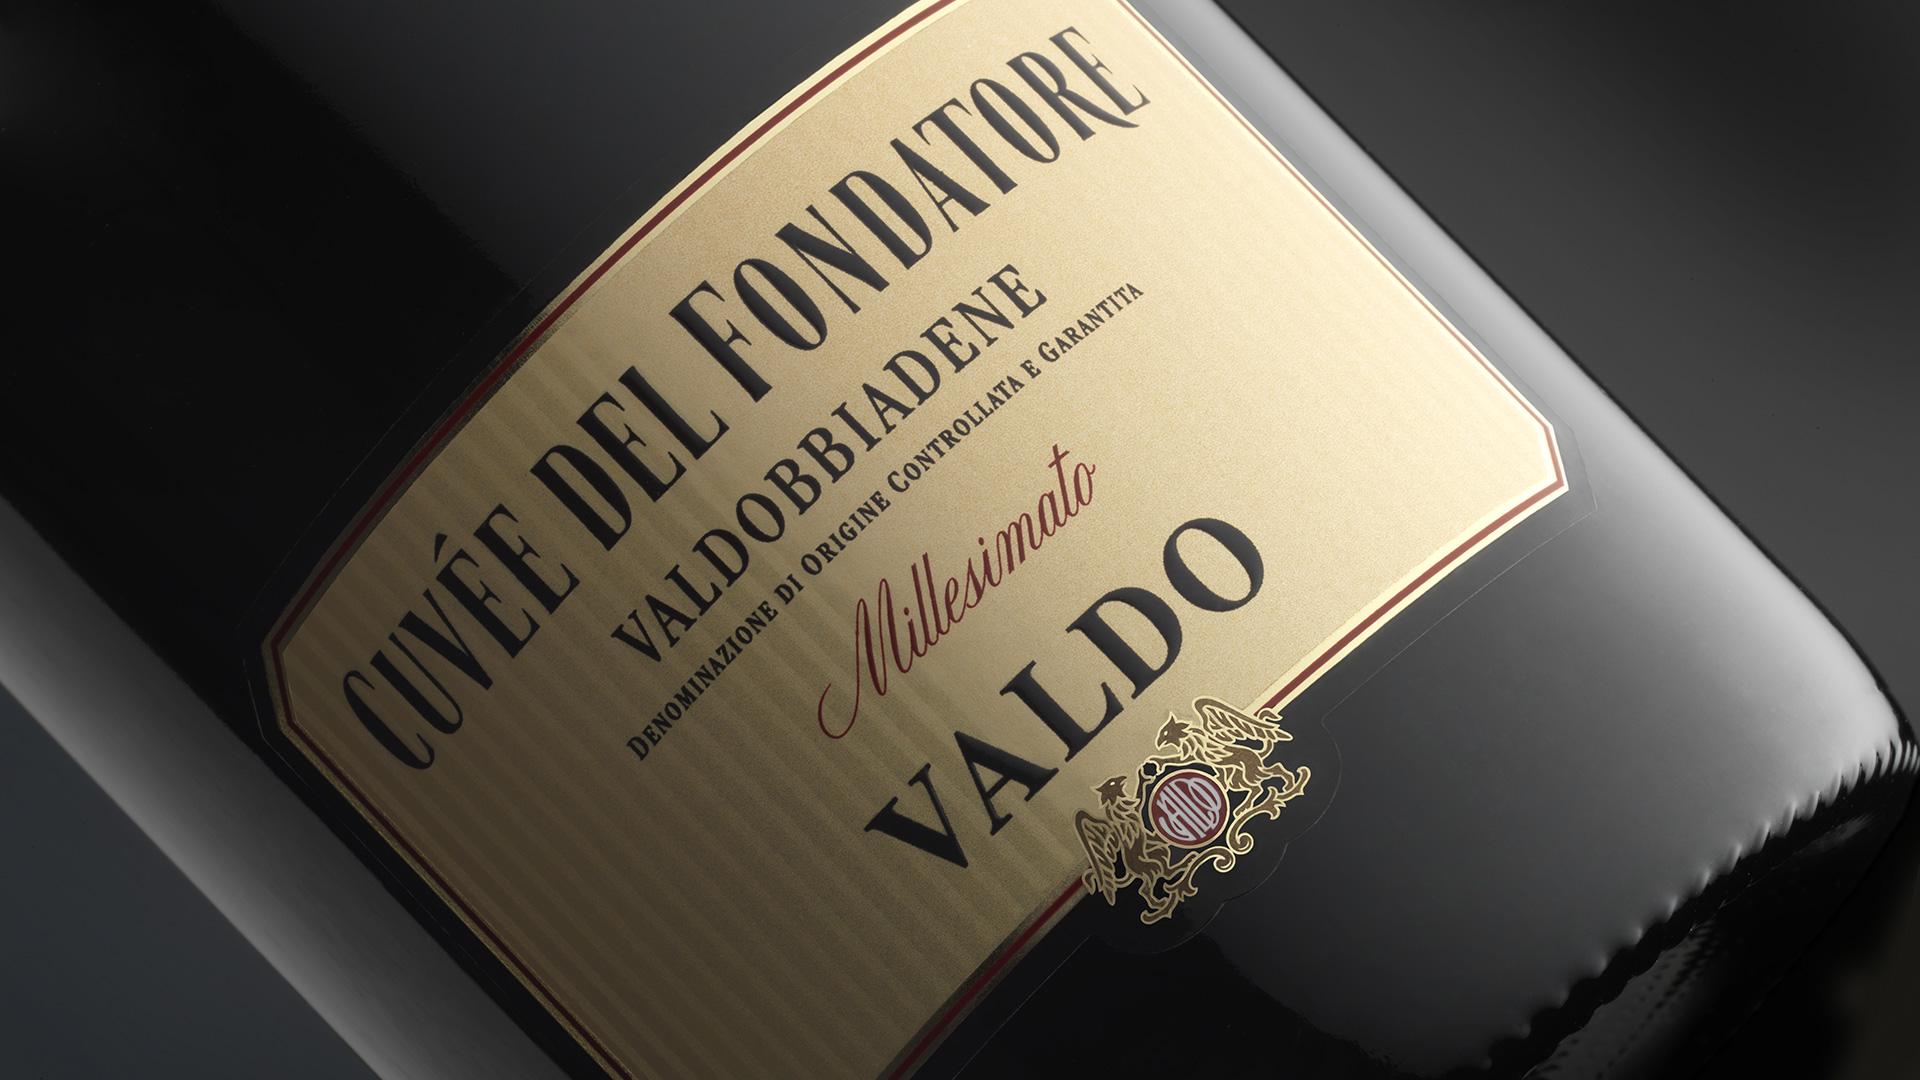 Valdo Cuveè del Fondatore closeup restyling